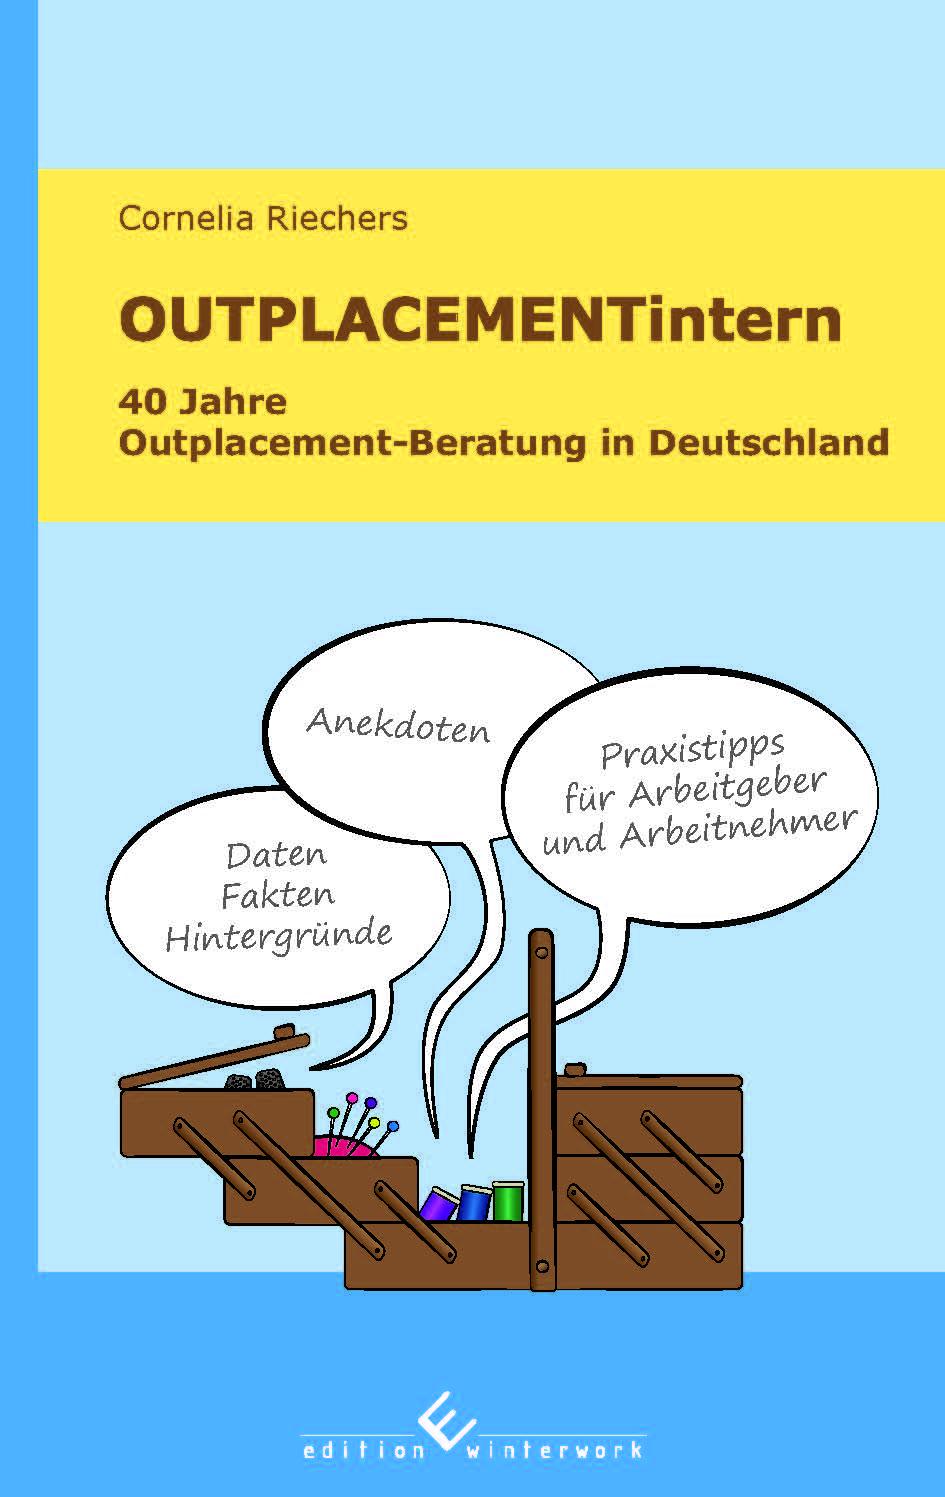 Cover zu OUTPLACEMENTintern. 40 Jahre Outplacement-Beratung in Deutschland